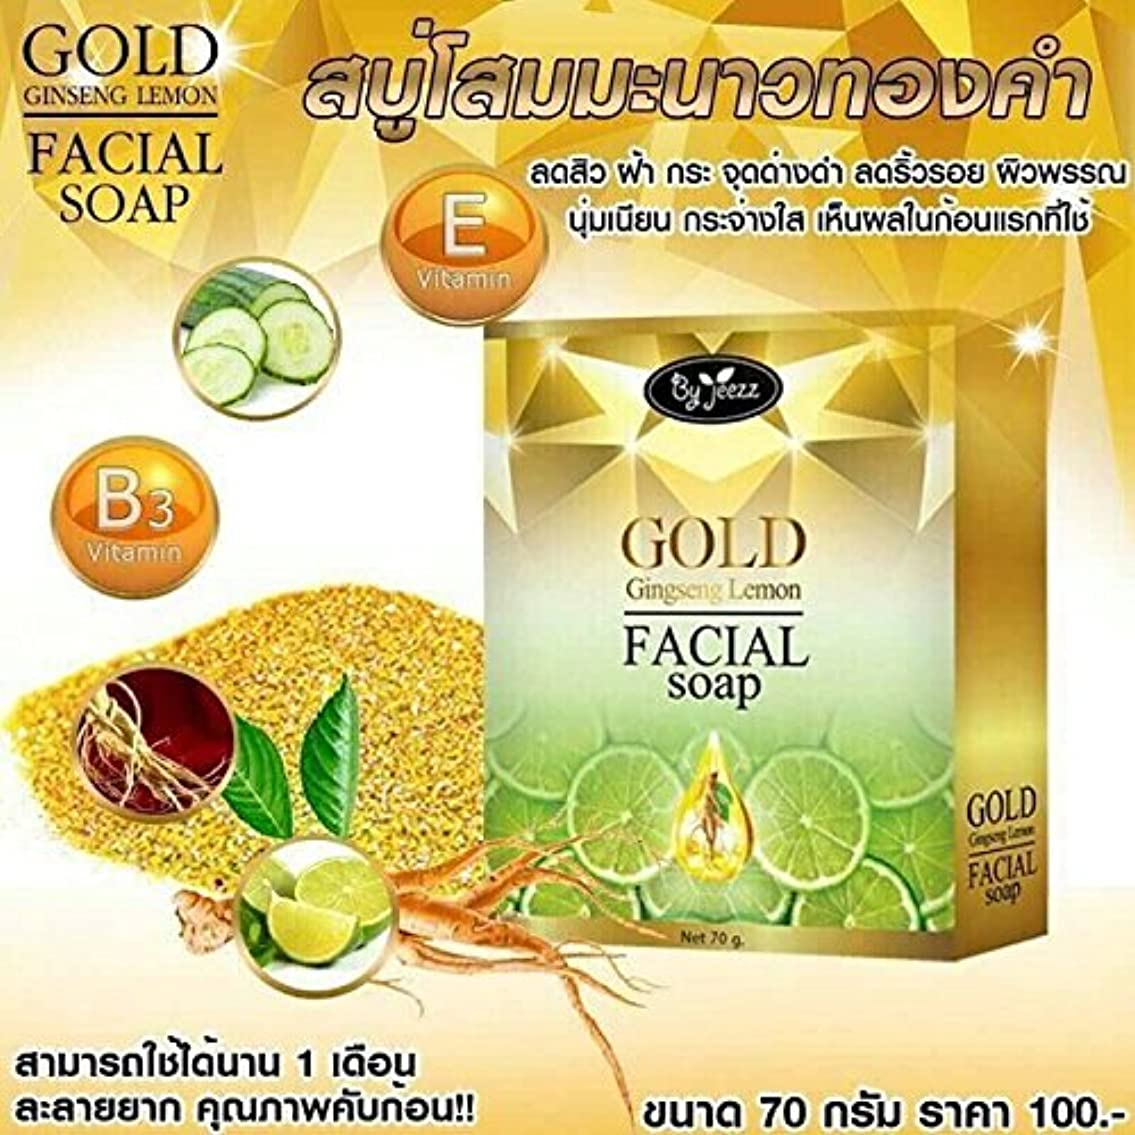 しなやか願望矢1 X Natural Herbal Whitening Soap. Ginseng Lemon Soap (Gold Ginseng Lemon Facial Soap by jeezz) 70 g. Free shipping